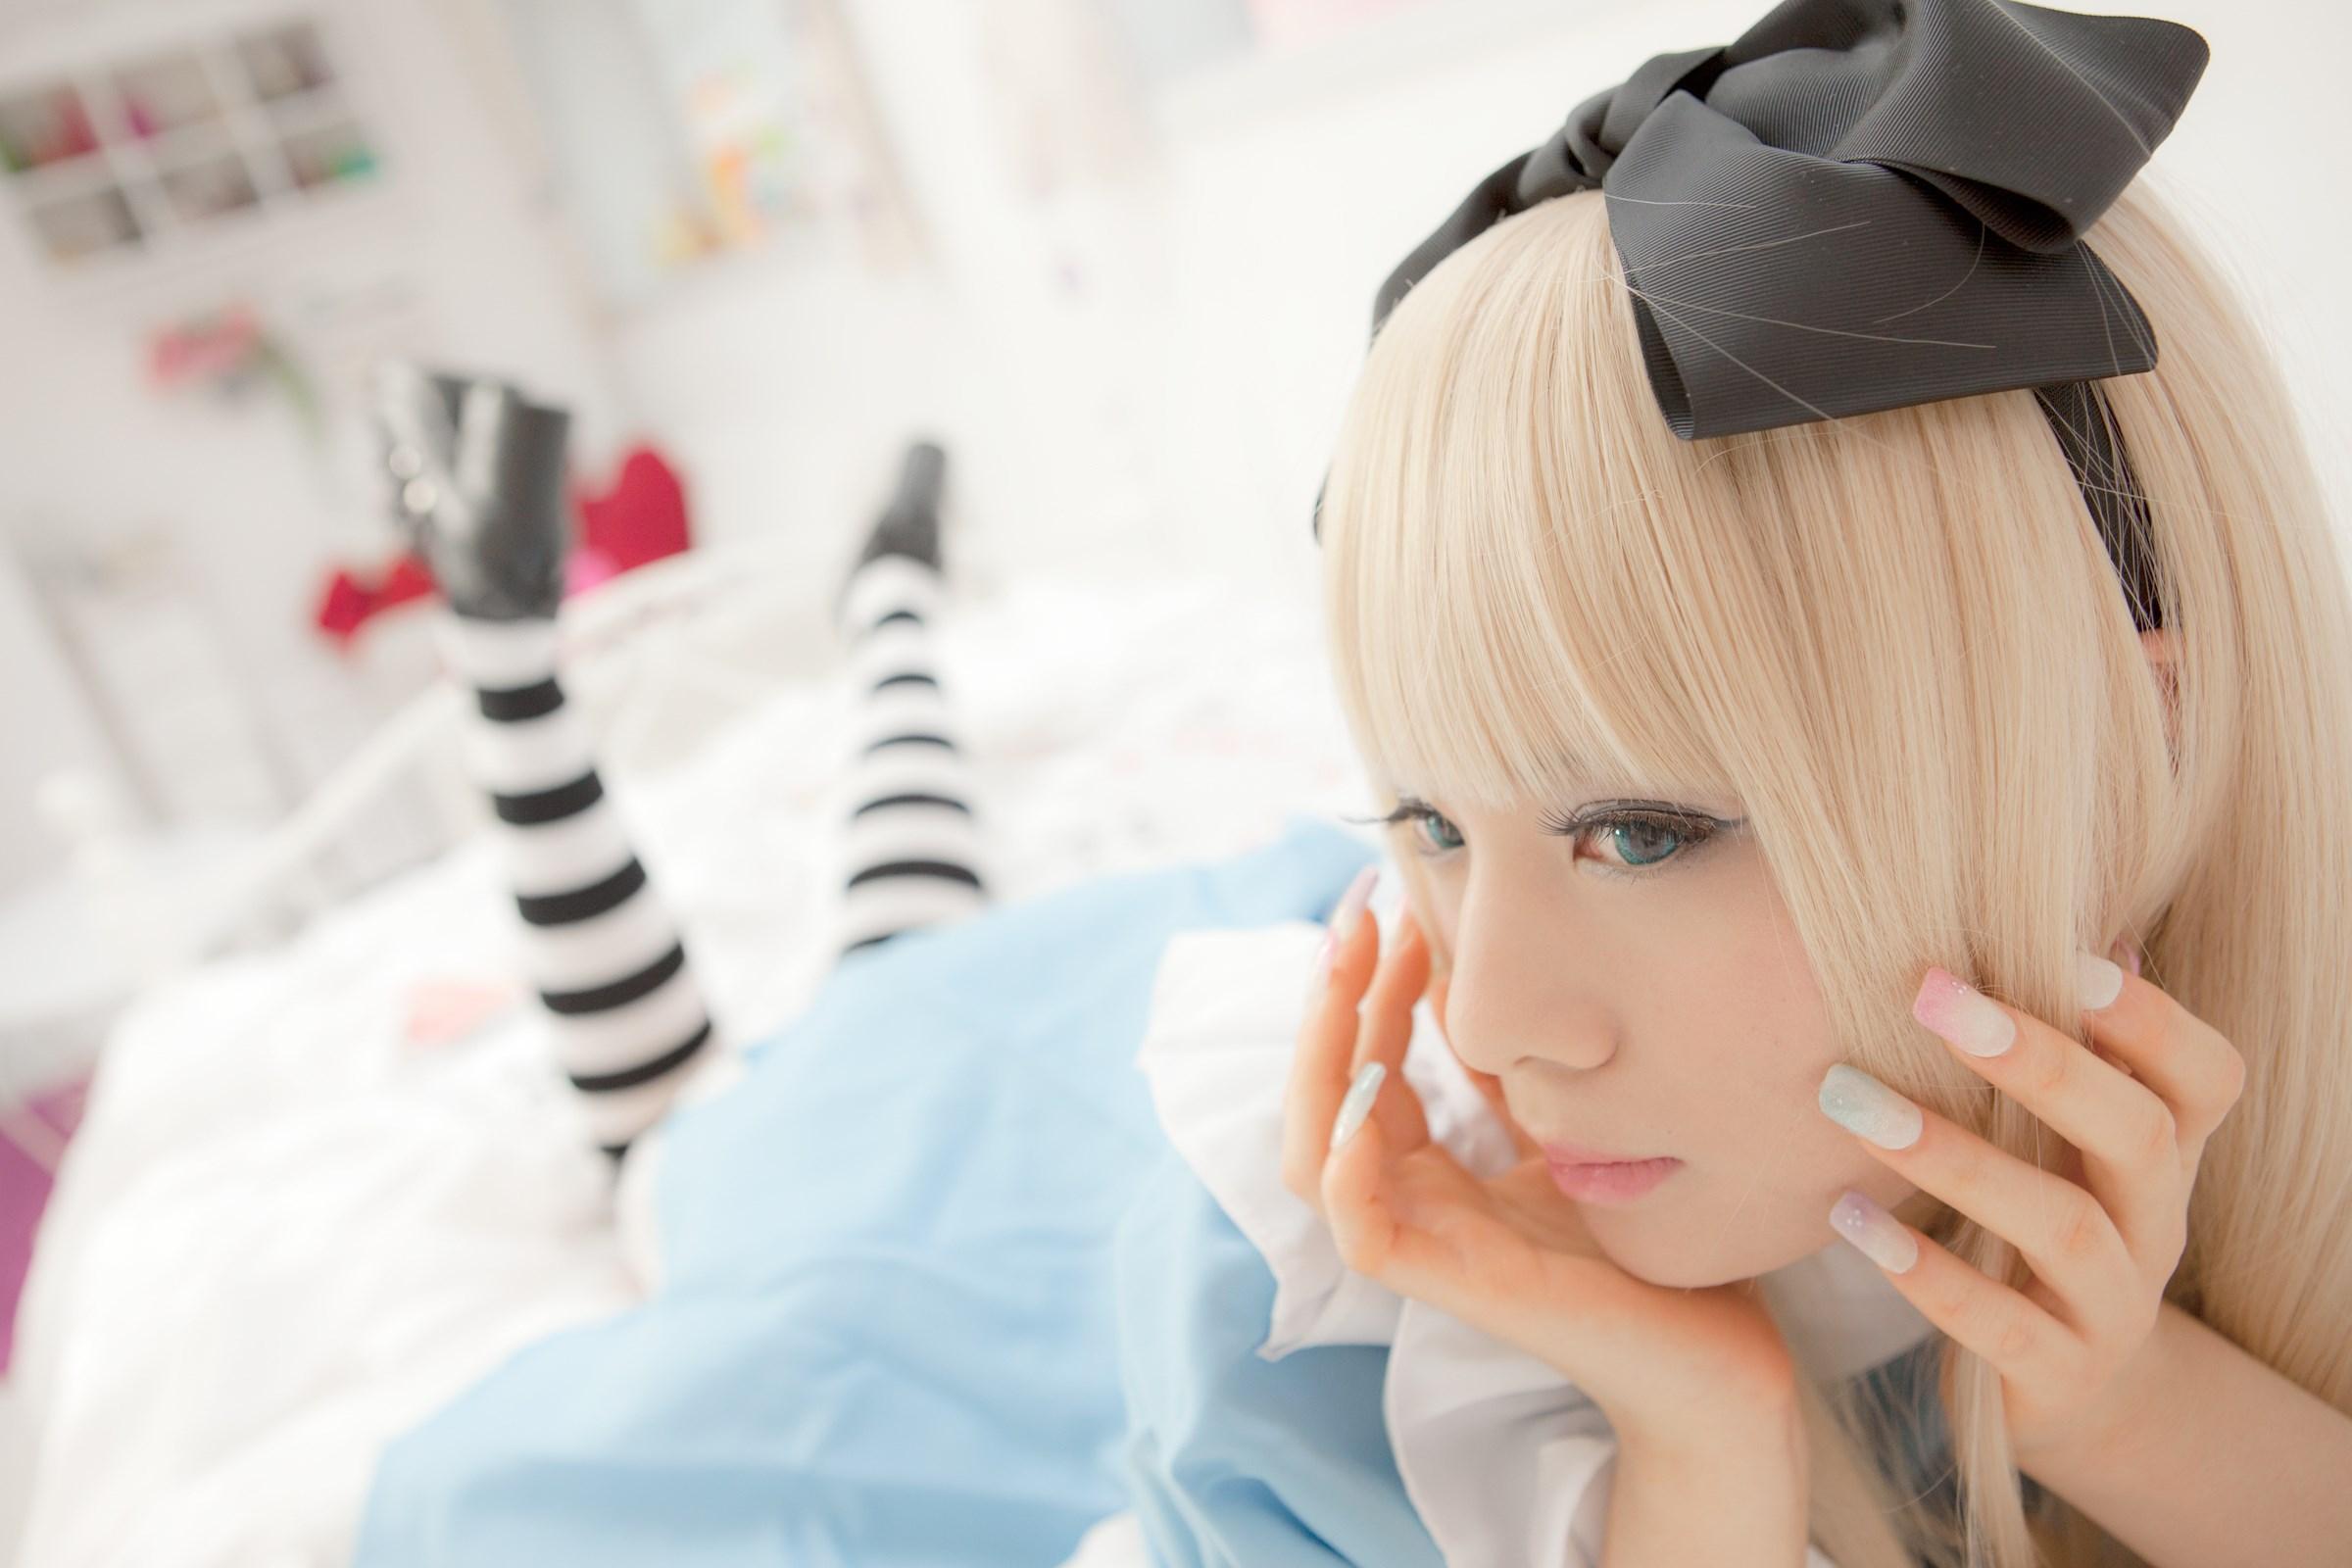 【兔玩映画】爱丽丝少女 兔玩映画 第33张